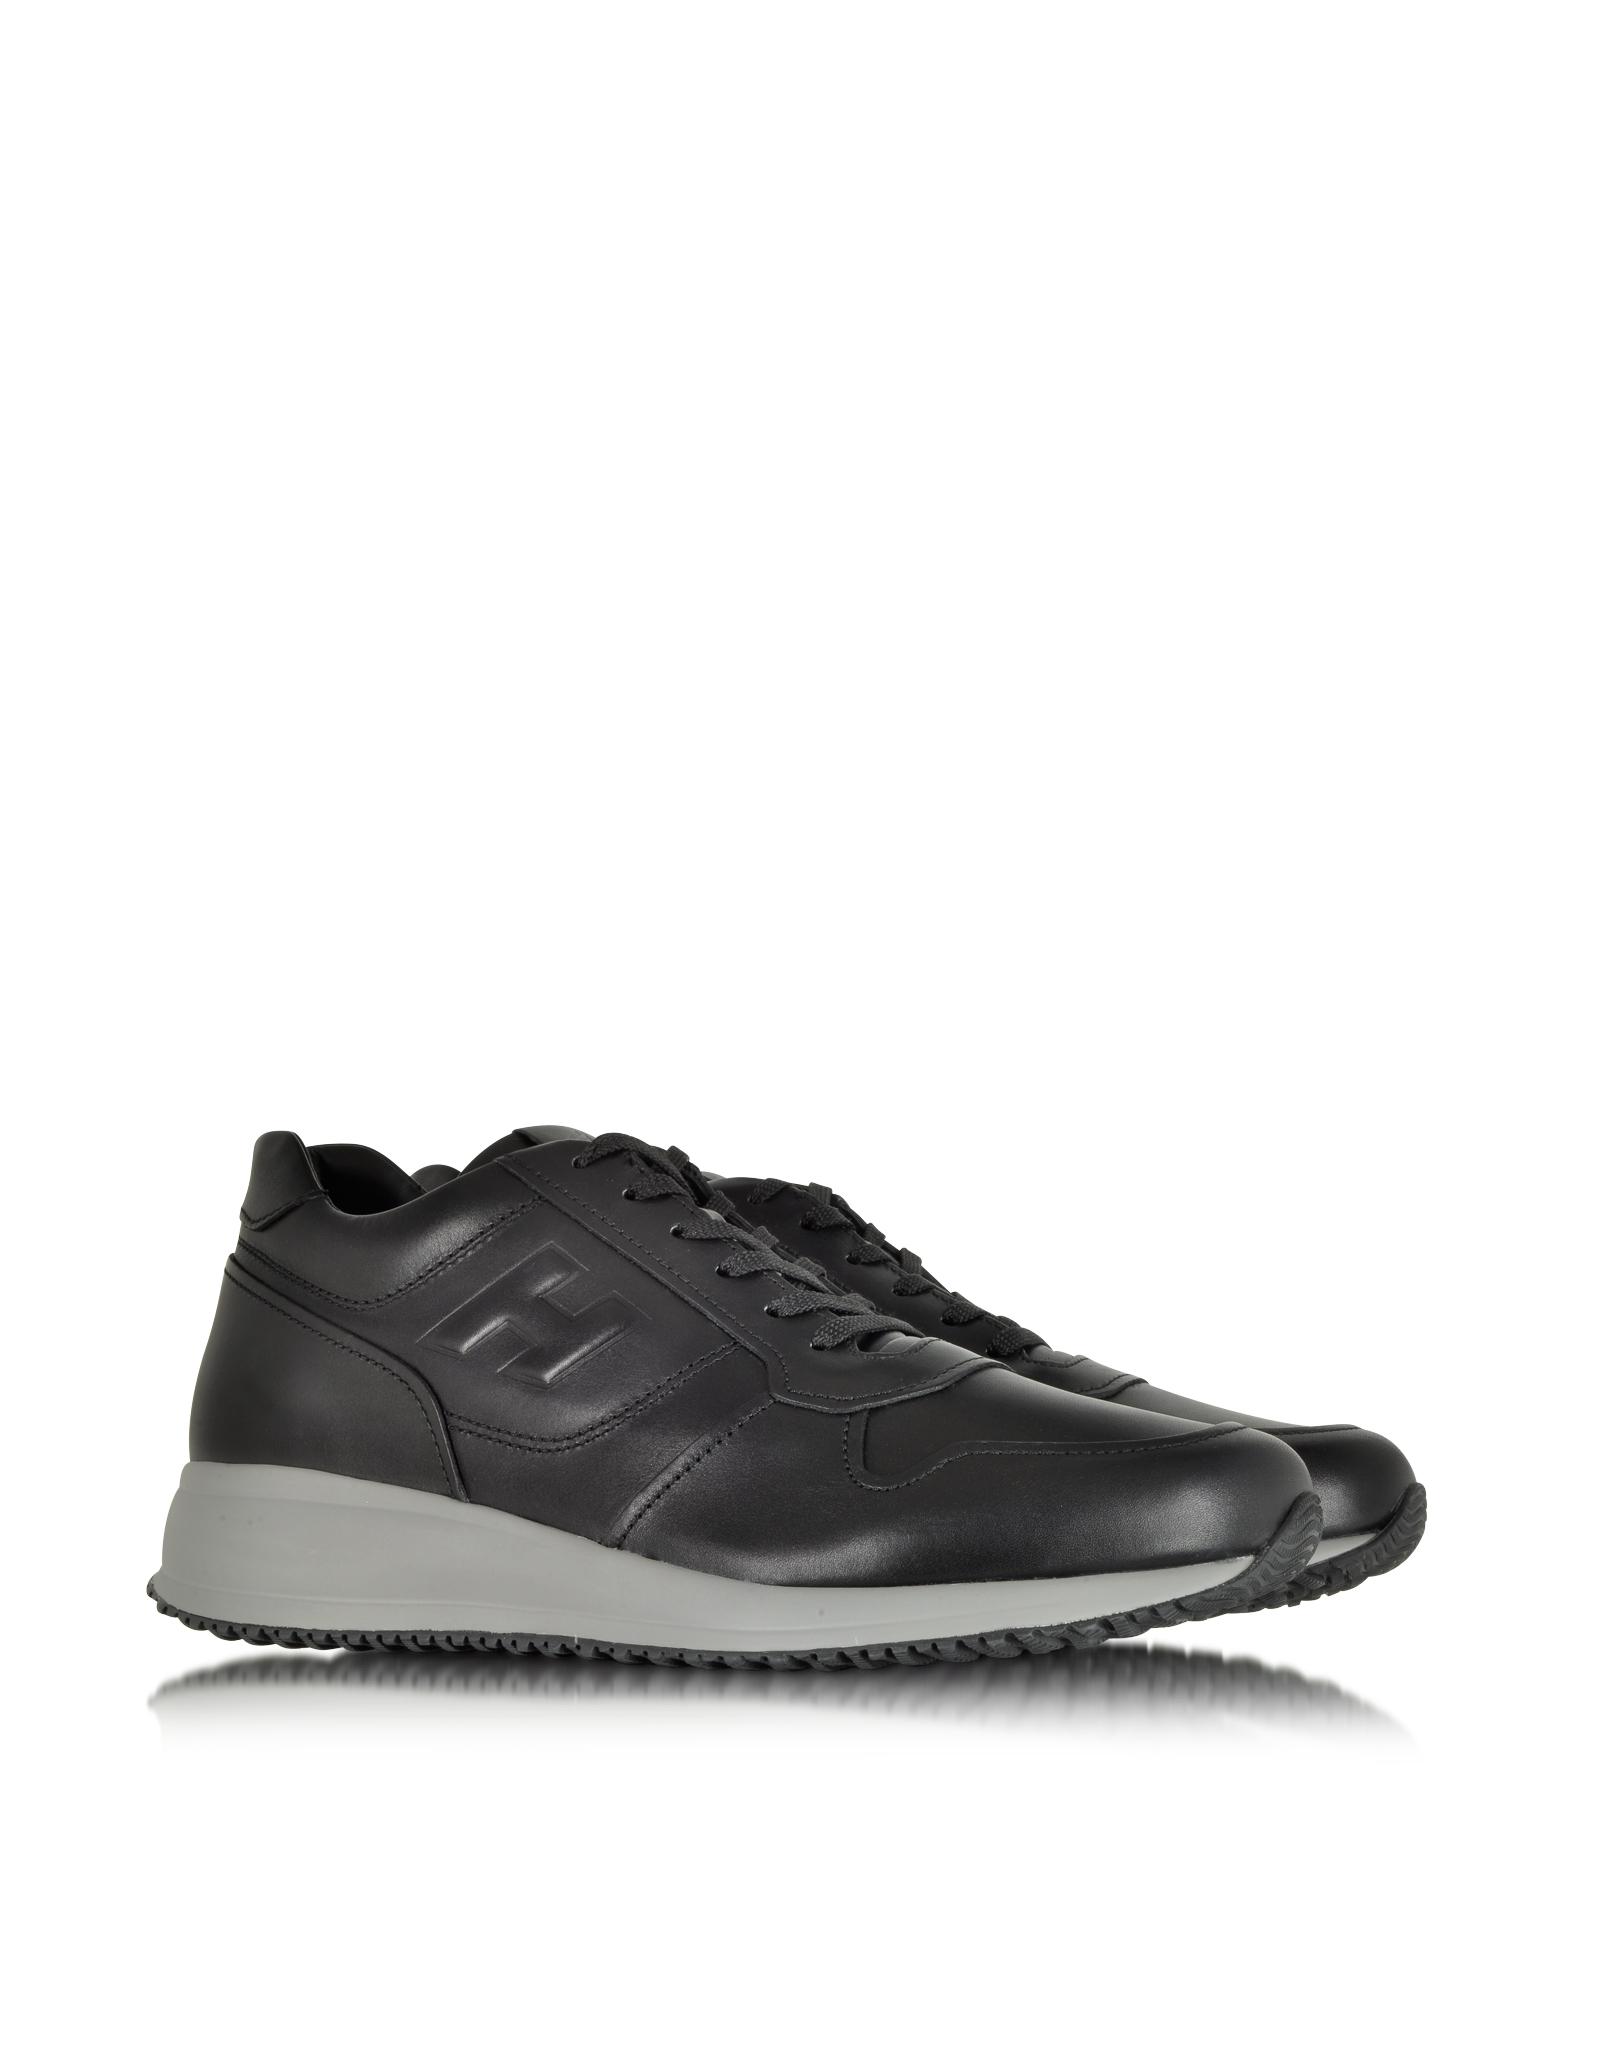 Hogan Sneakers N20 Interactif - Noir U7a5C